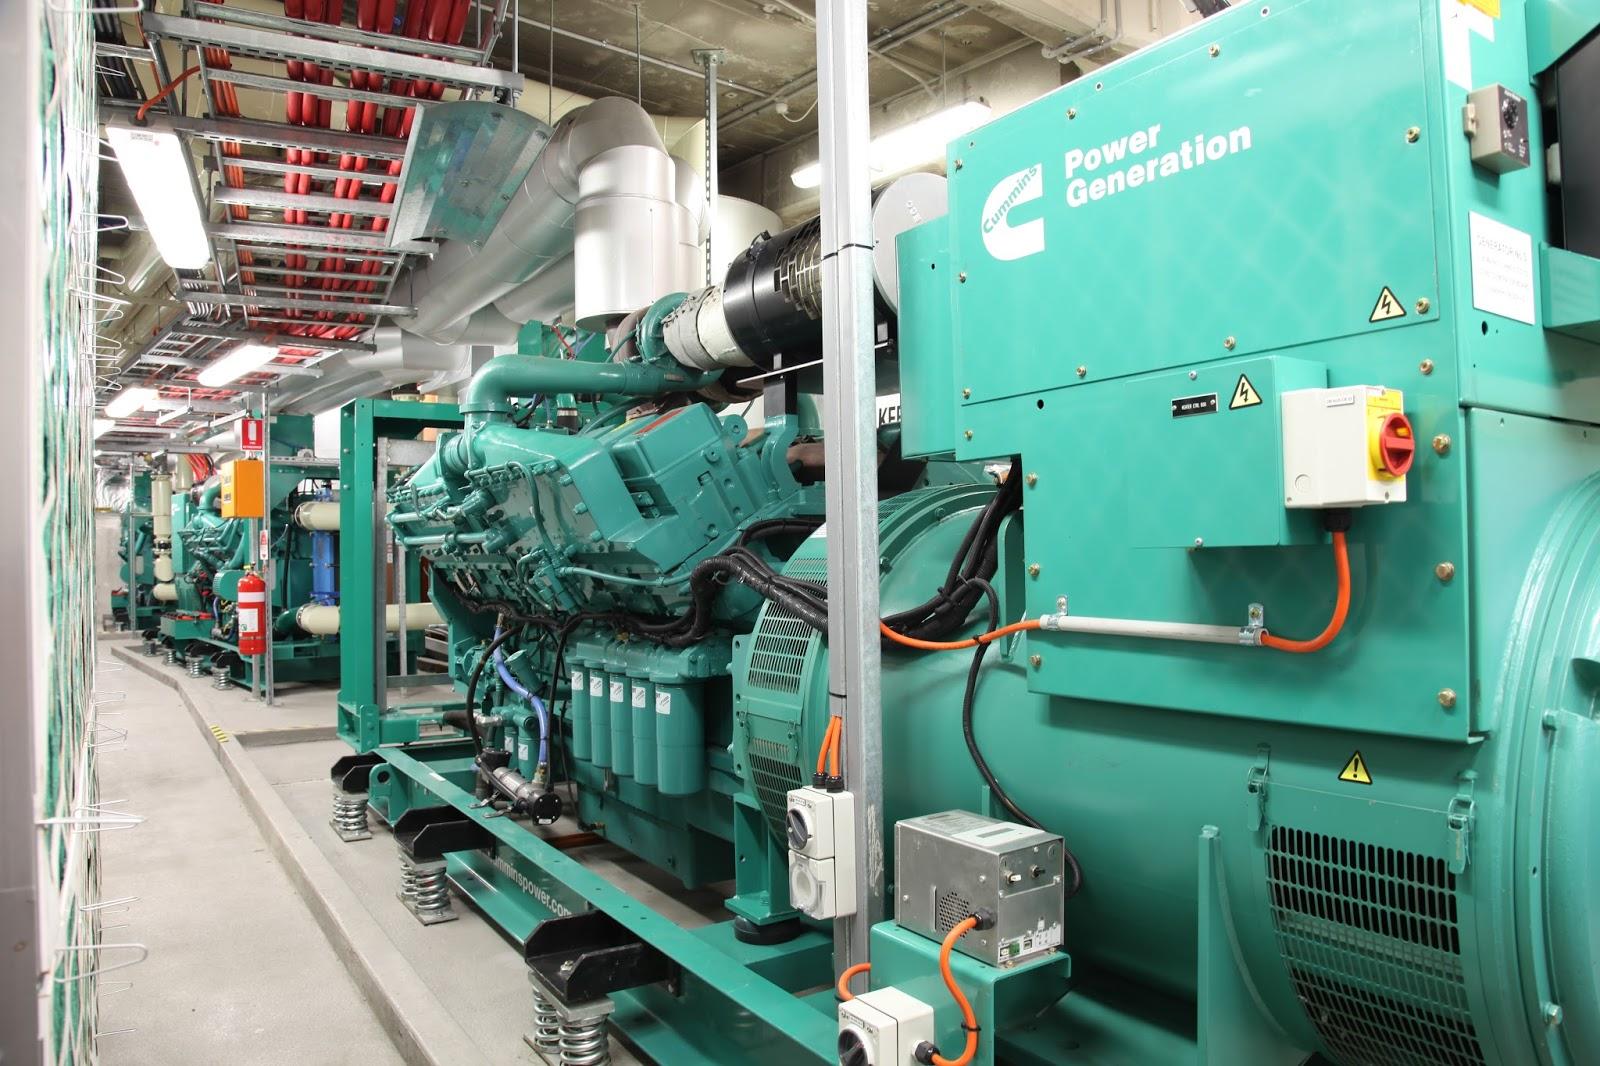 Что дает использование топлива в силовых агрегатах?